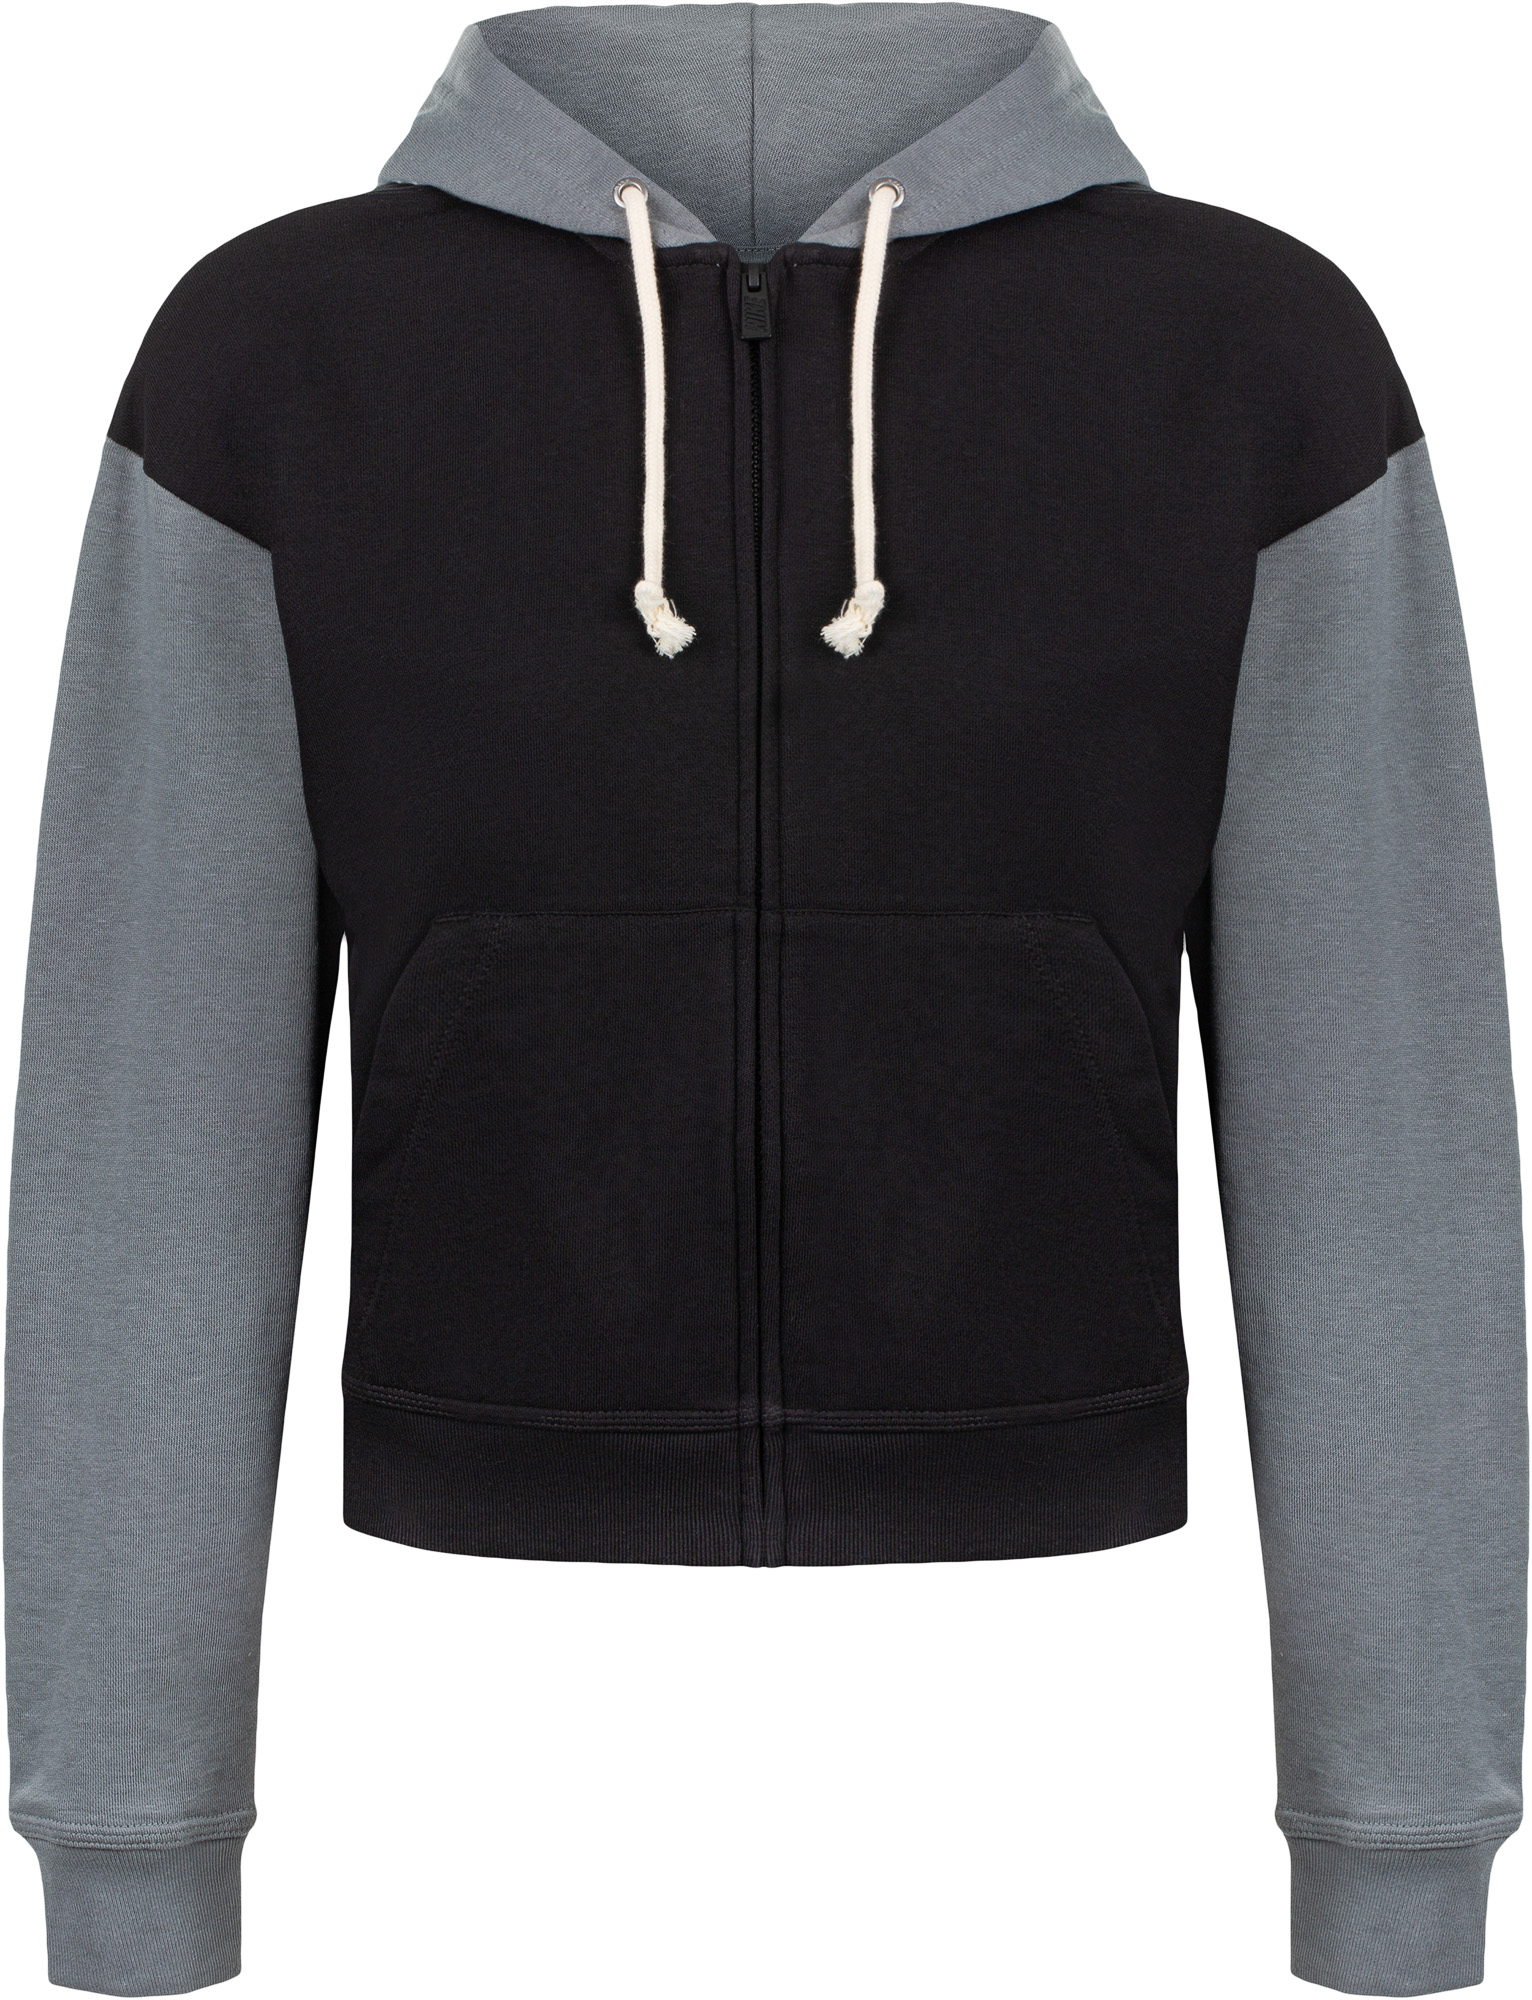 цена на Nike Толстовка женская Nike Sportswear Varsity, размер 50-52